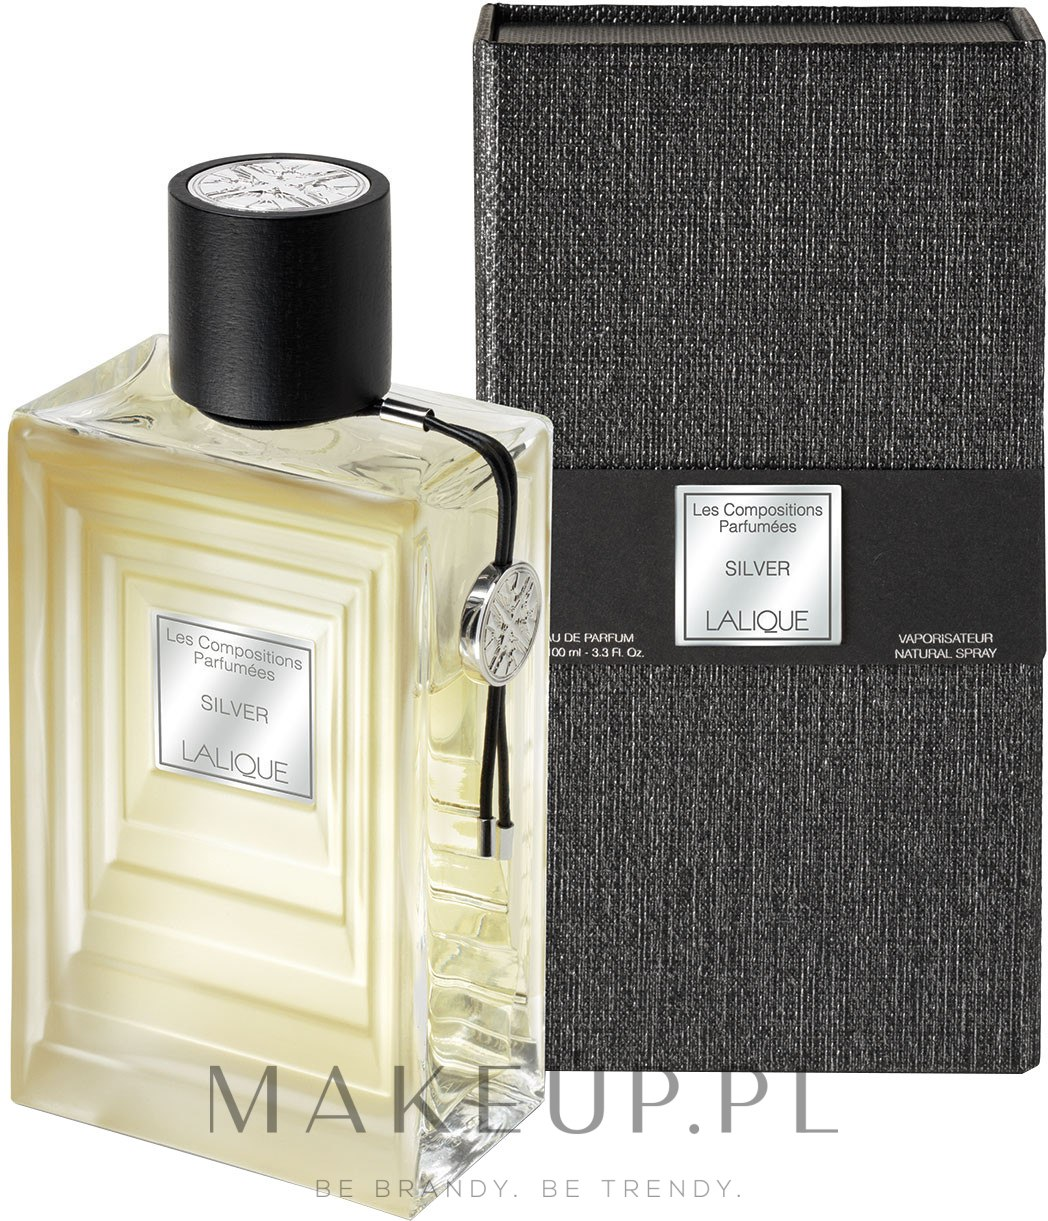 lalique les compositions parfumees - silver